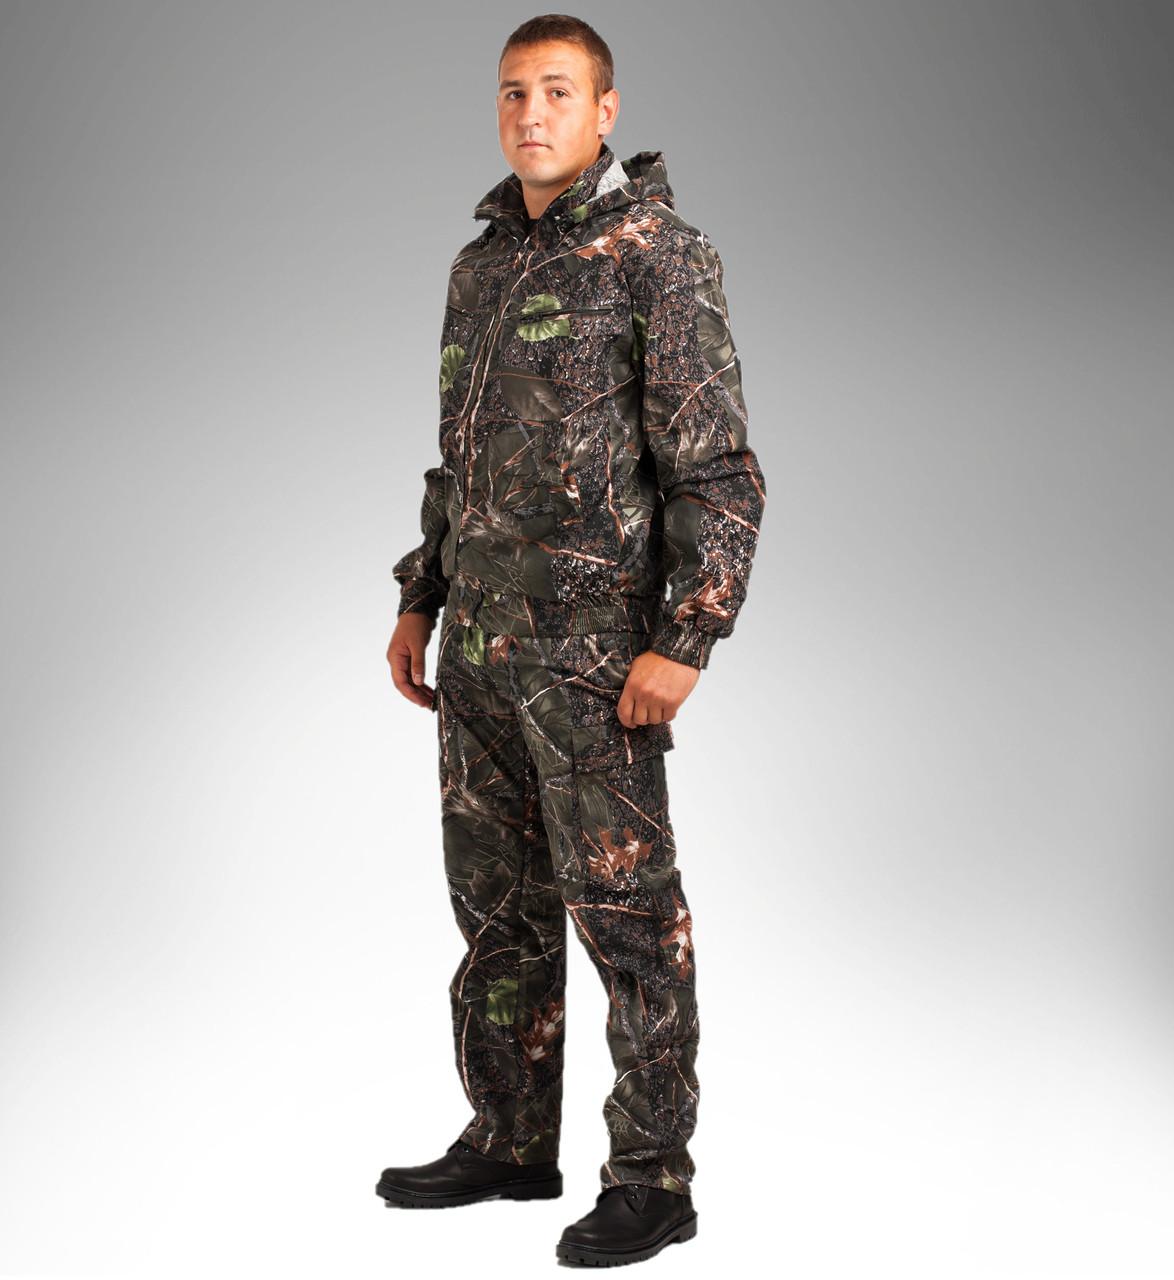 Летний камуфляжный костюм для охоты и рыбалки ''Лес''